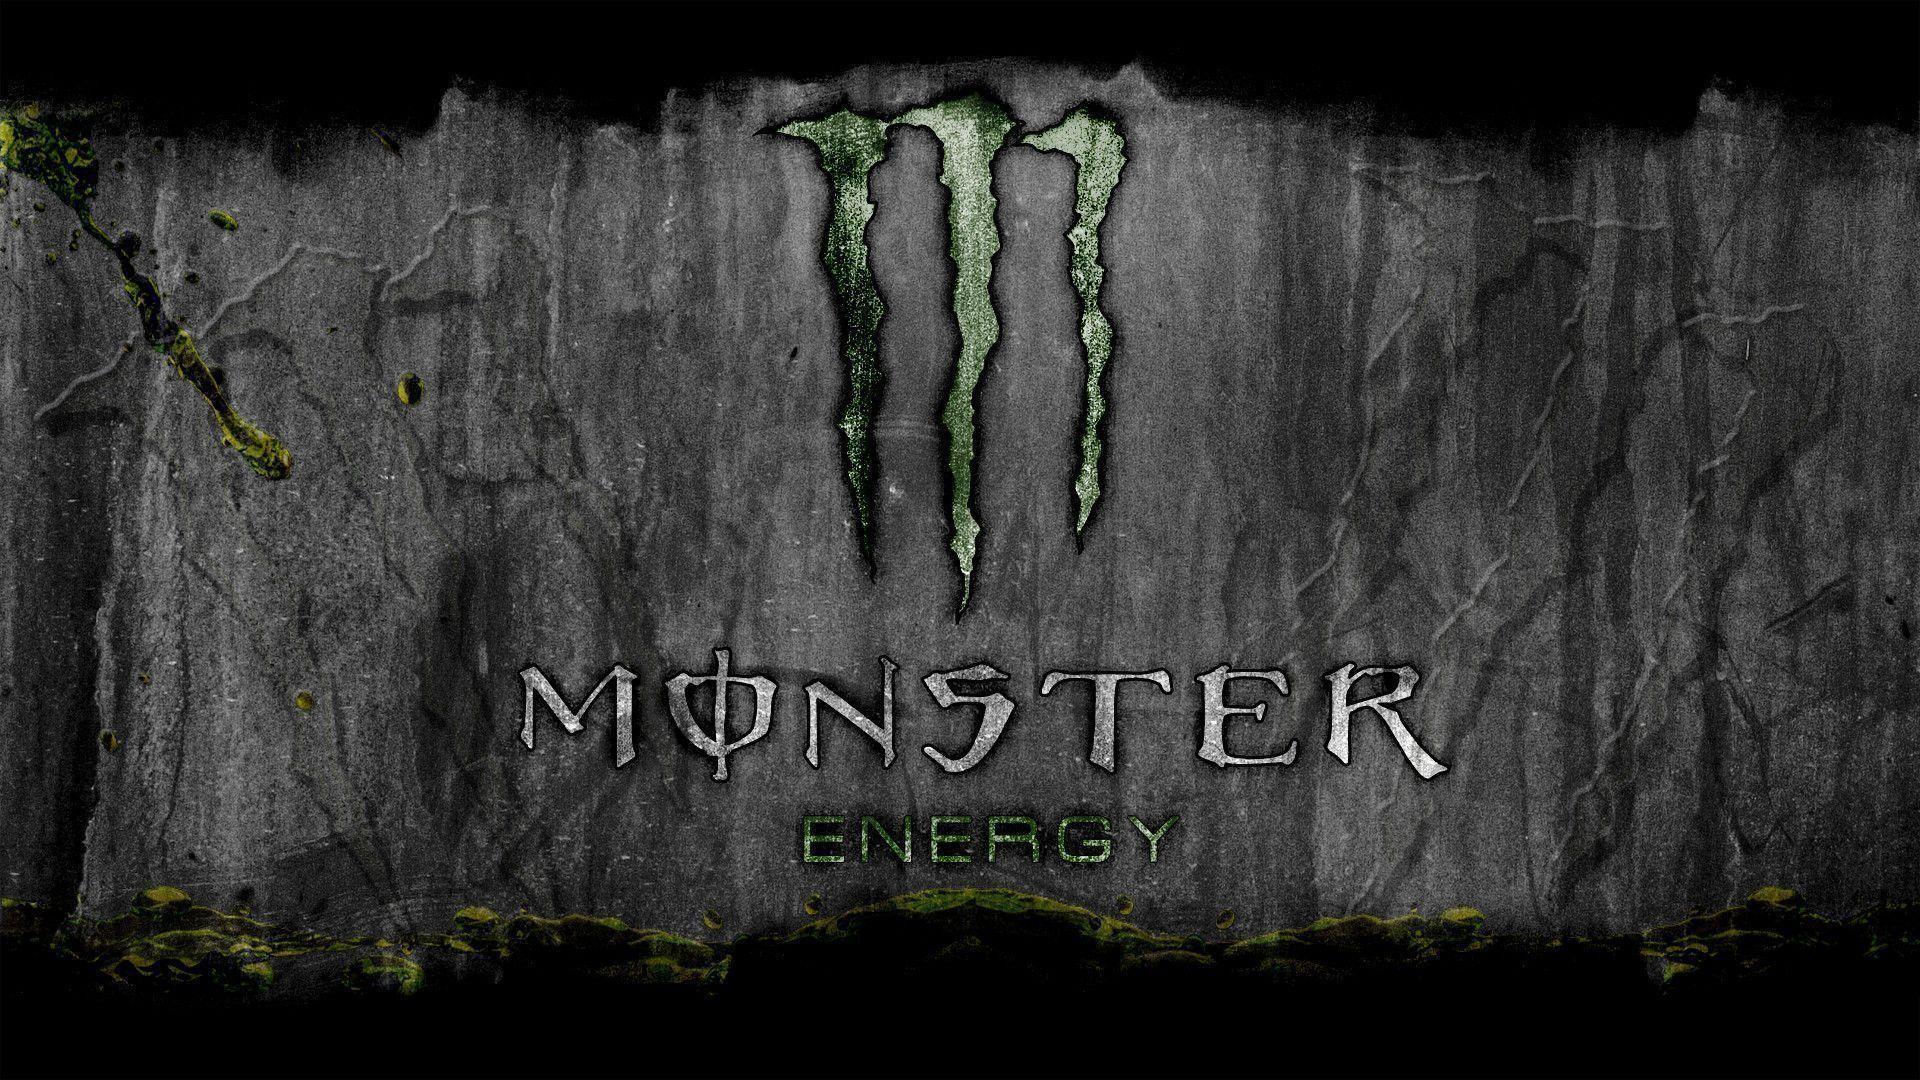 Monster energy wallpaper for computer wallpapertag - Monster energy wallpaper download ...